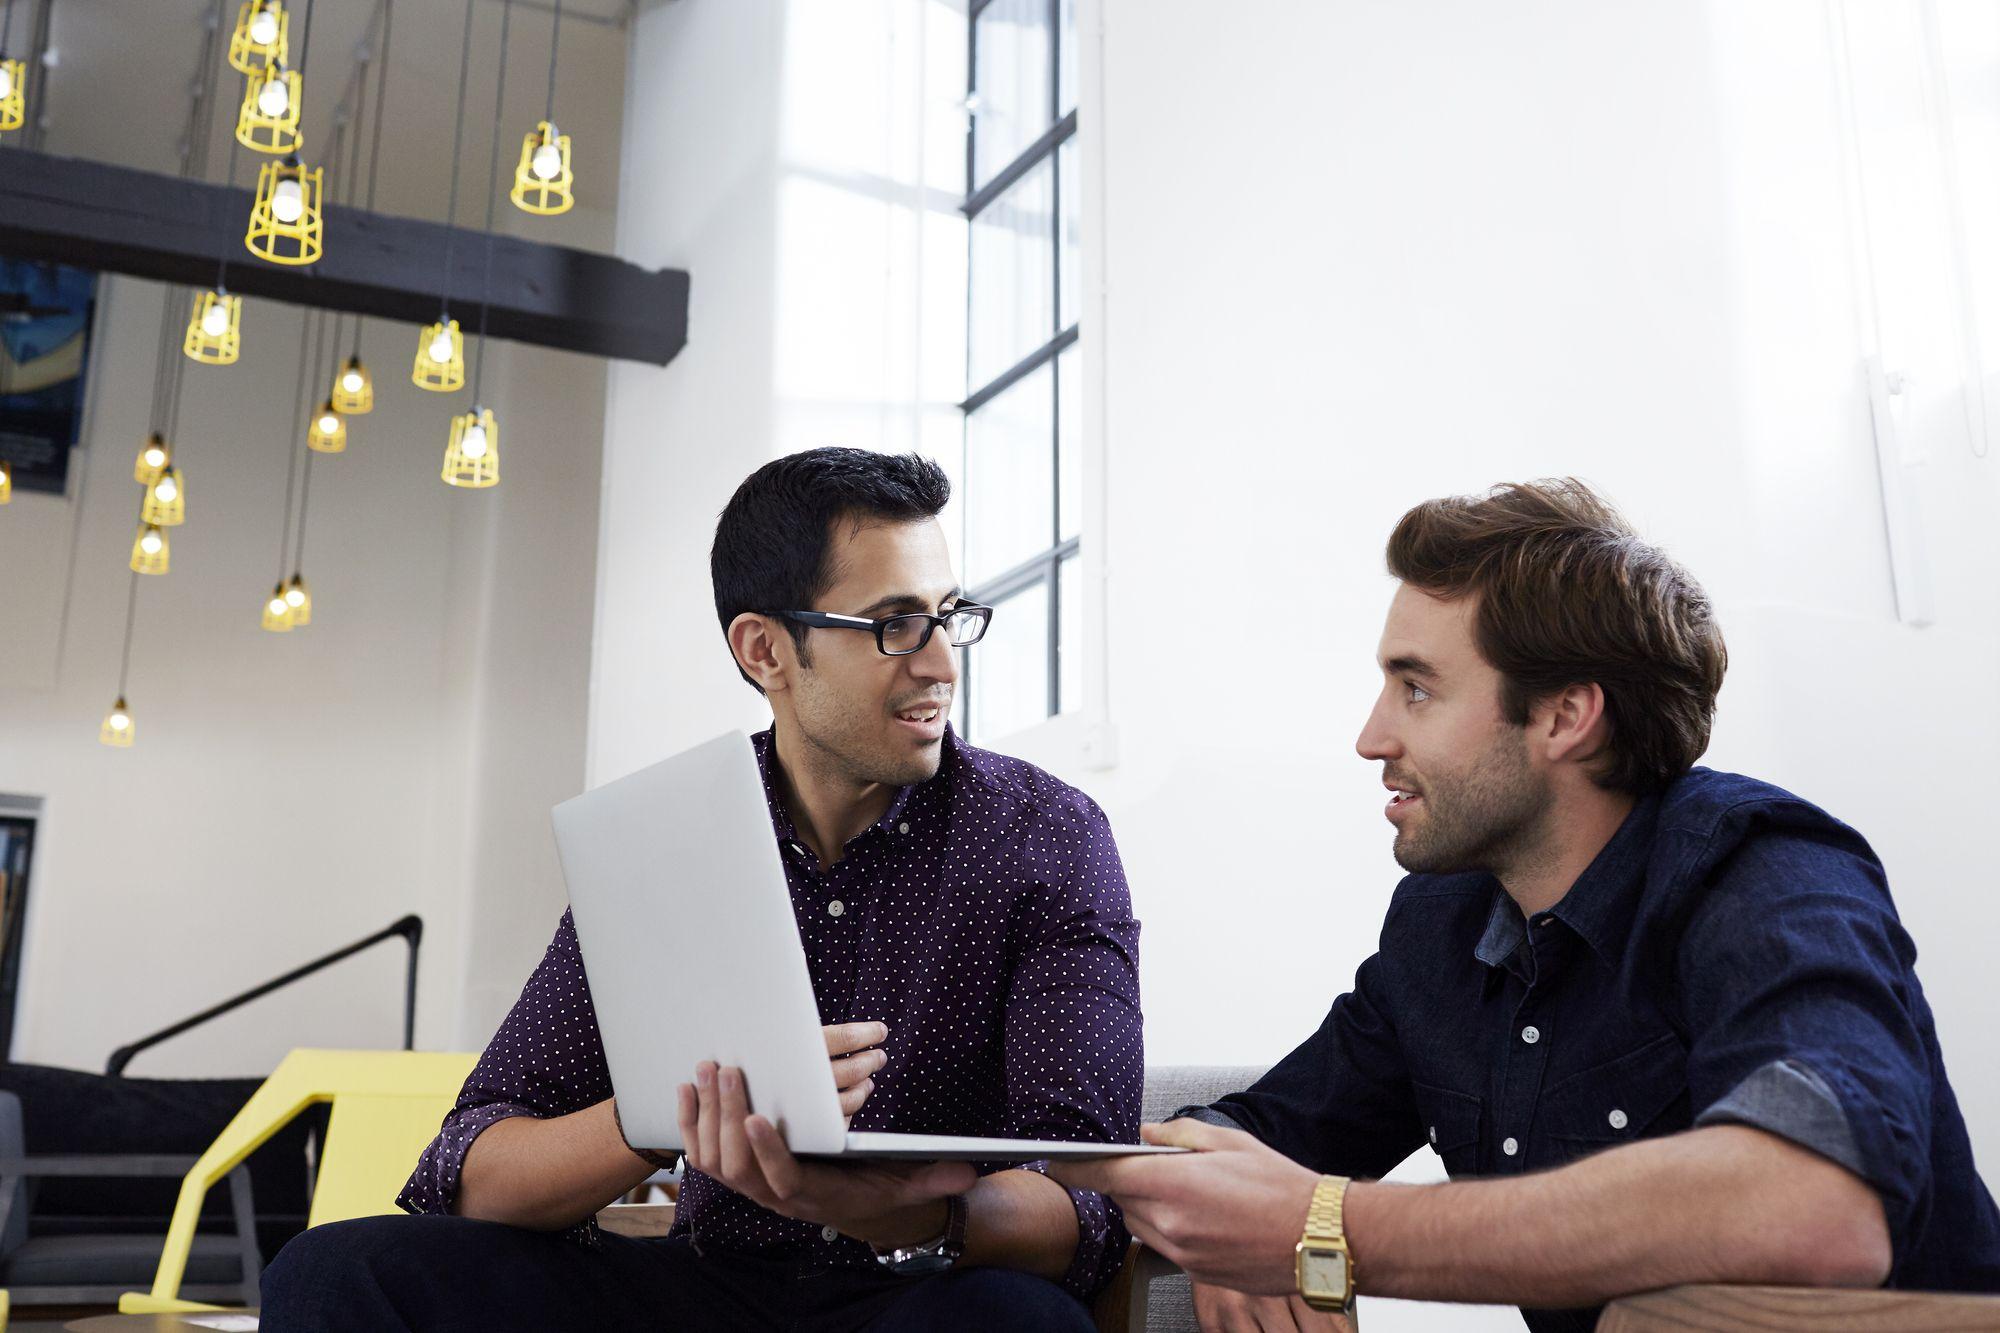 چطور برای کسب و کار مشاوره خود یک مدل کسب و کار تعیین کنید؟